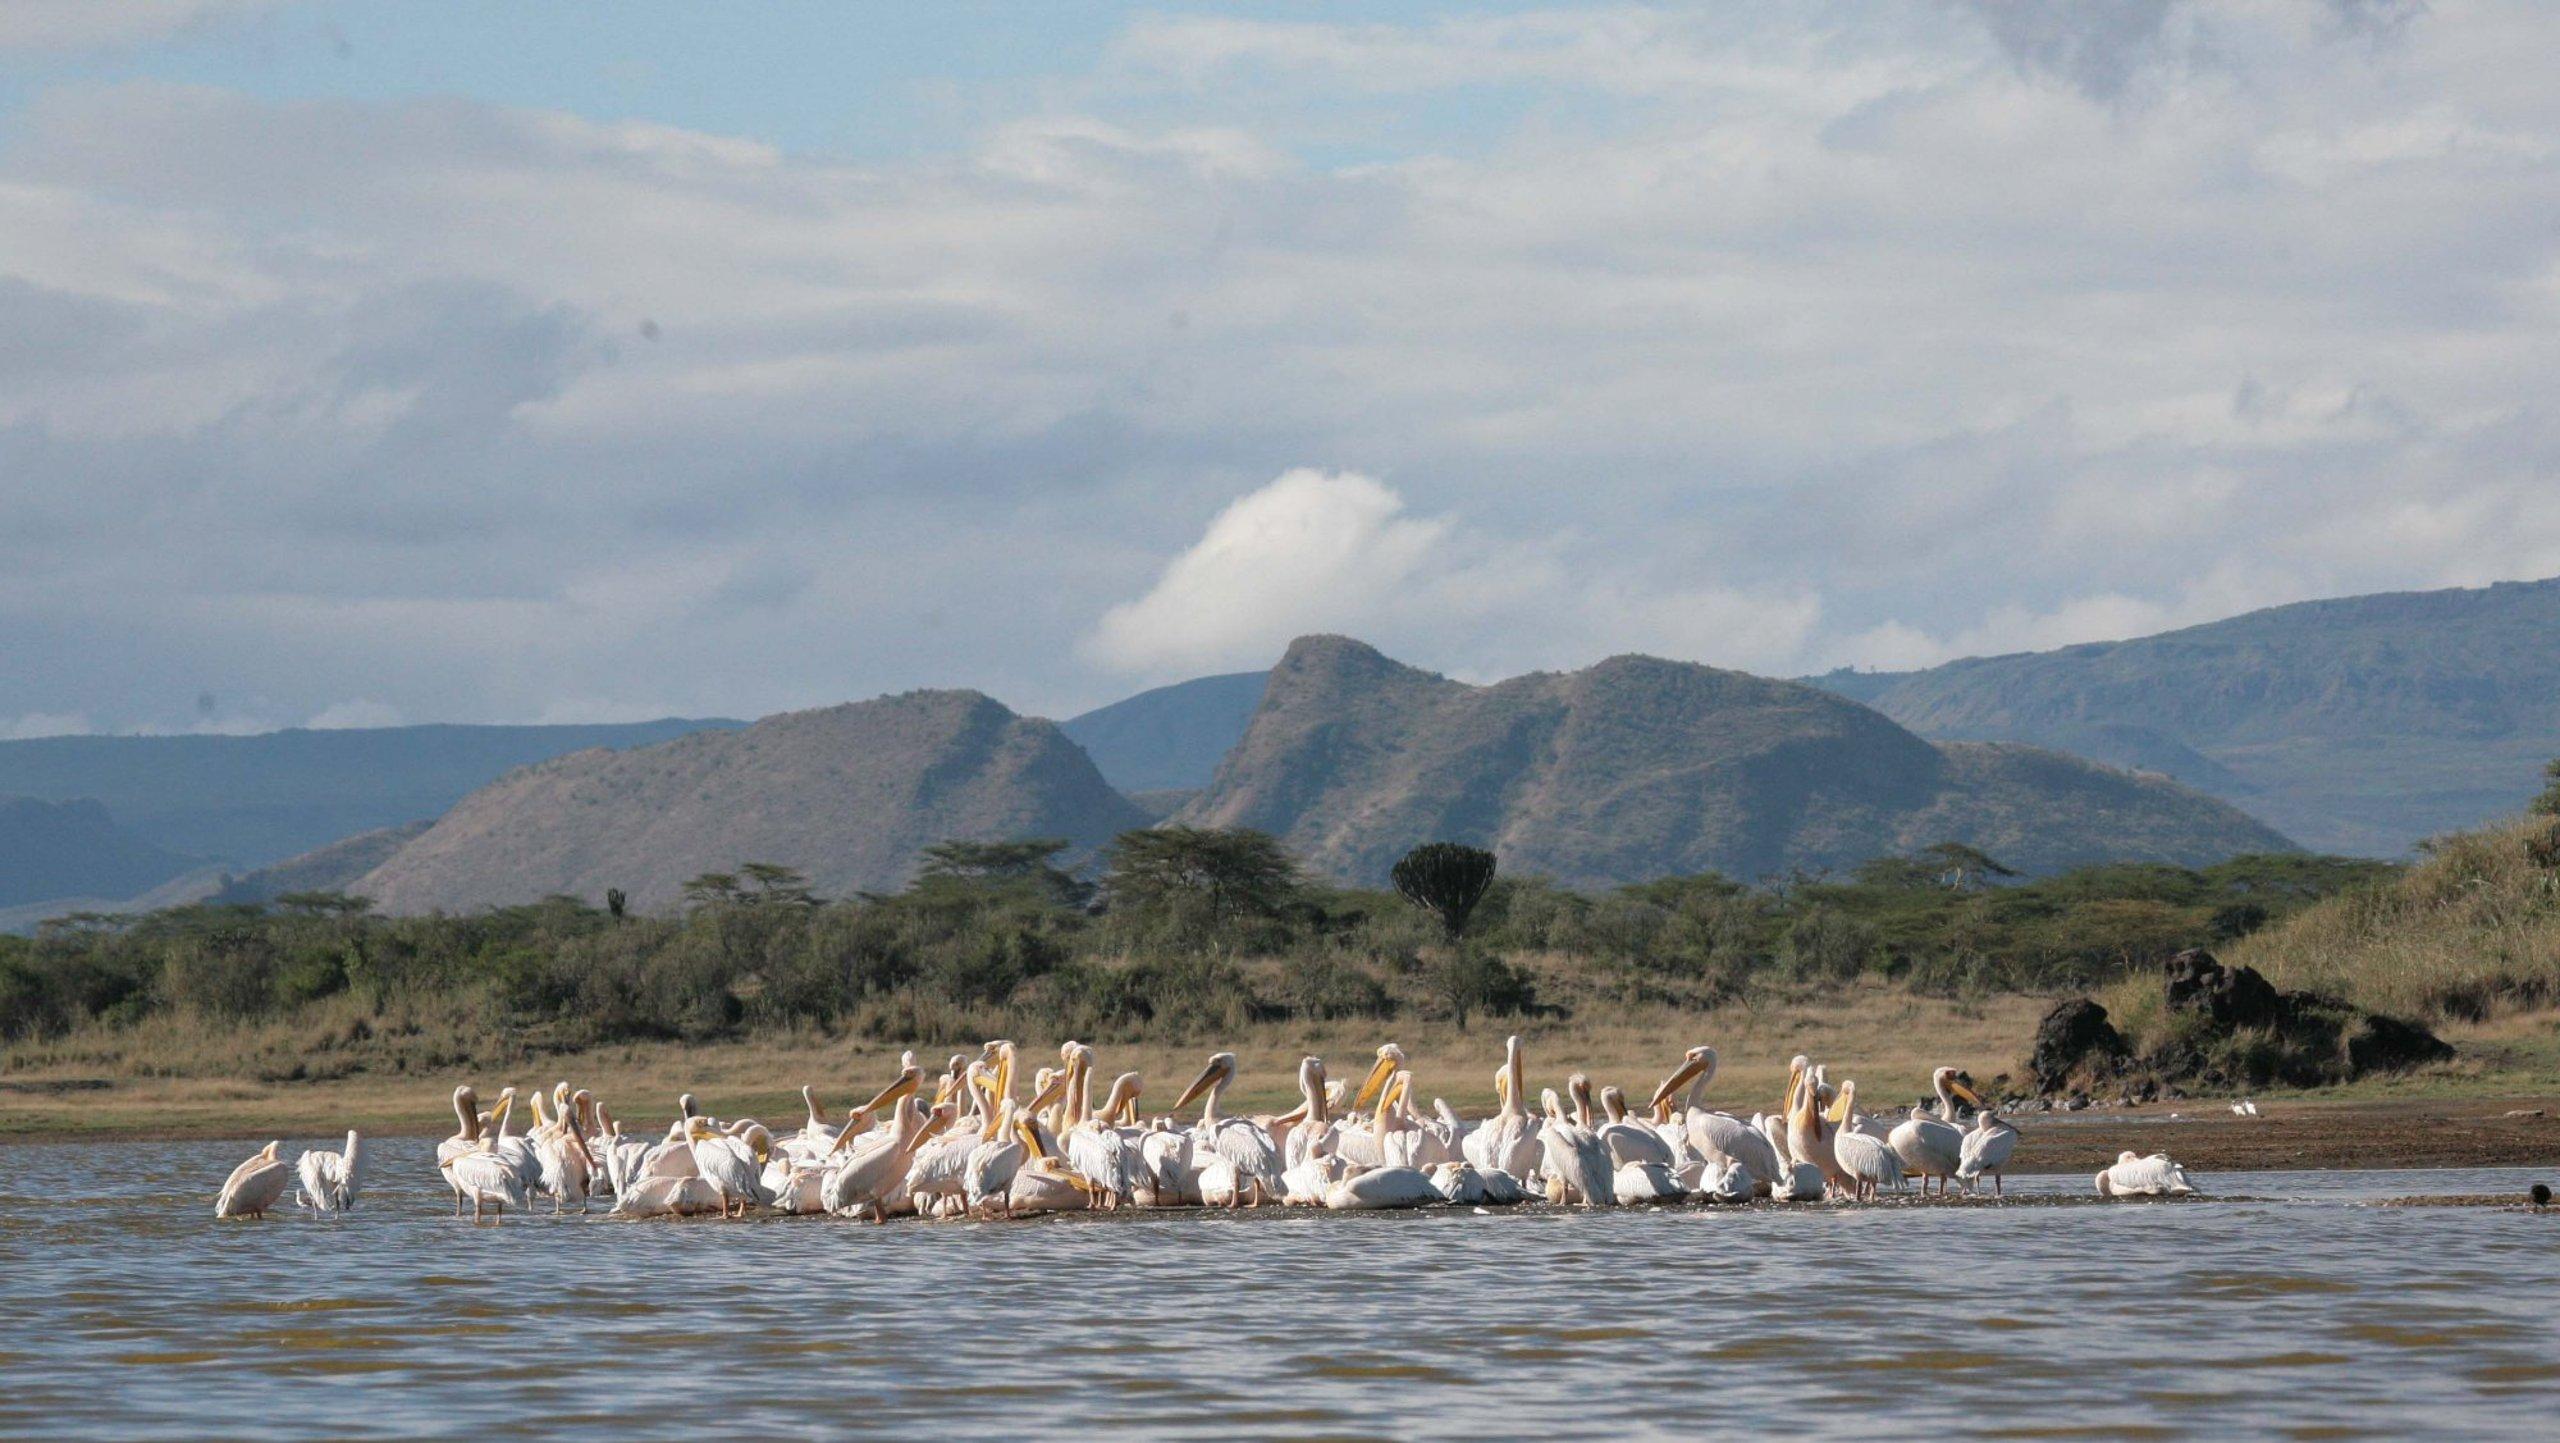 Lake Elementaita 2020: Best of Lake Elementaita, Kenya Tourism ...